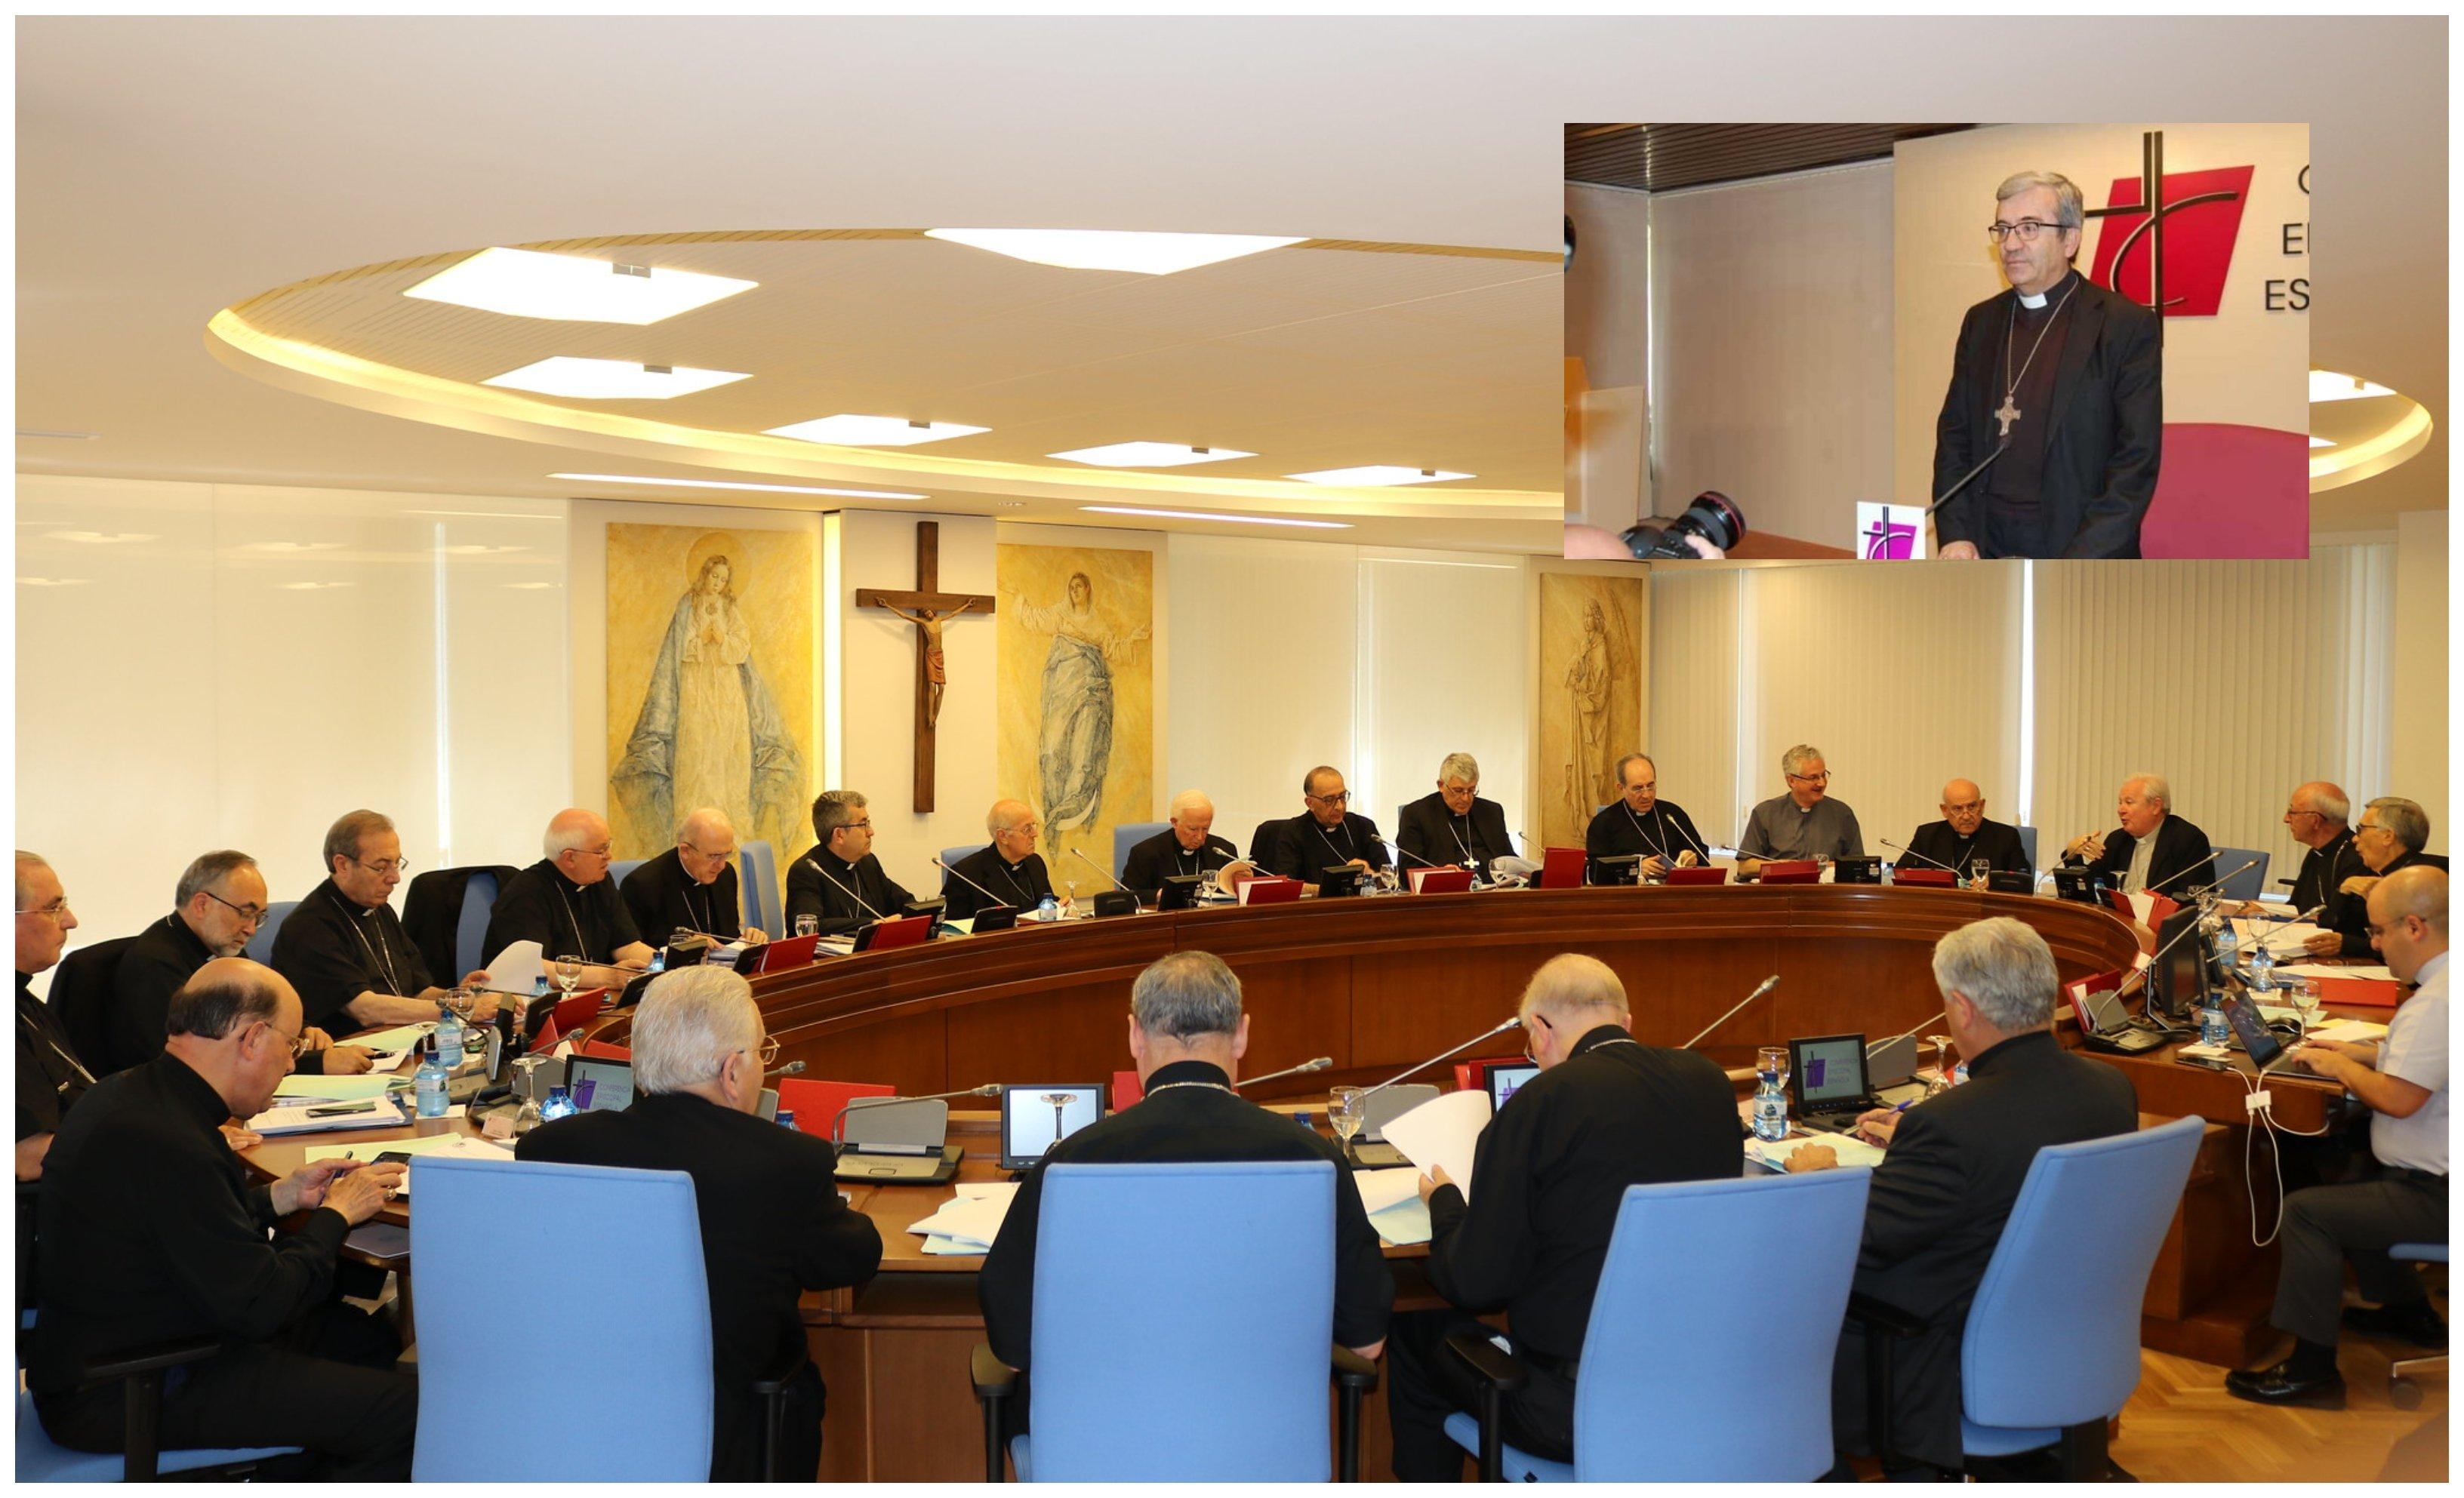 la Conferencia Episcopal Española y su secretario general, Luis Argüello